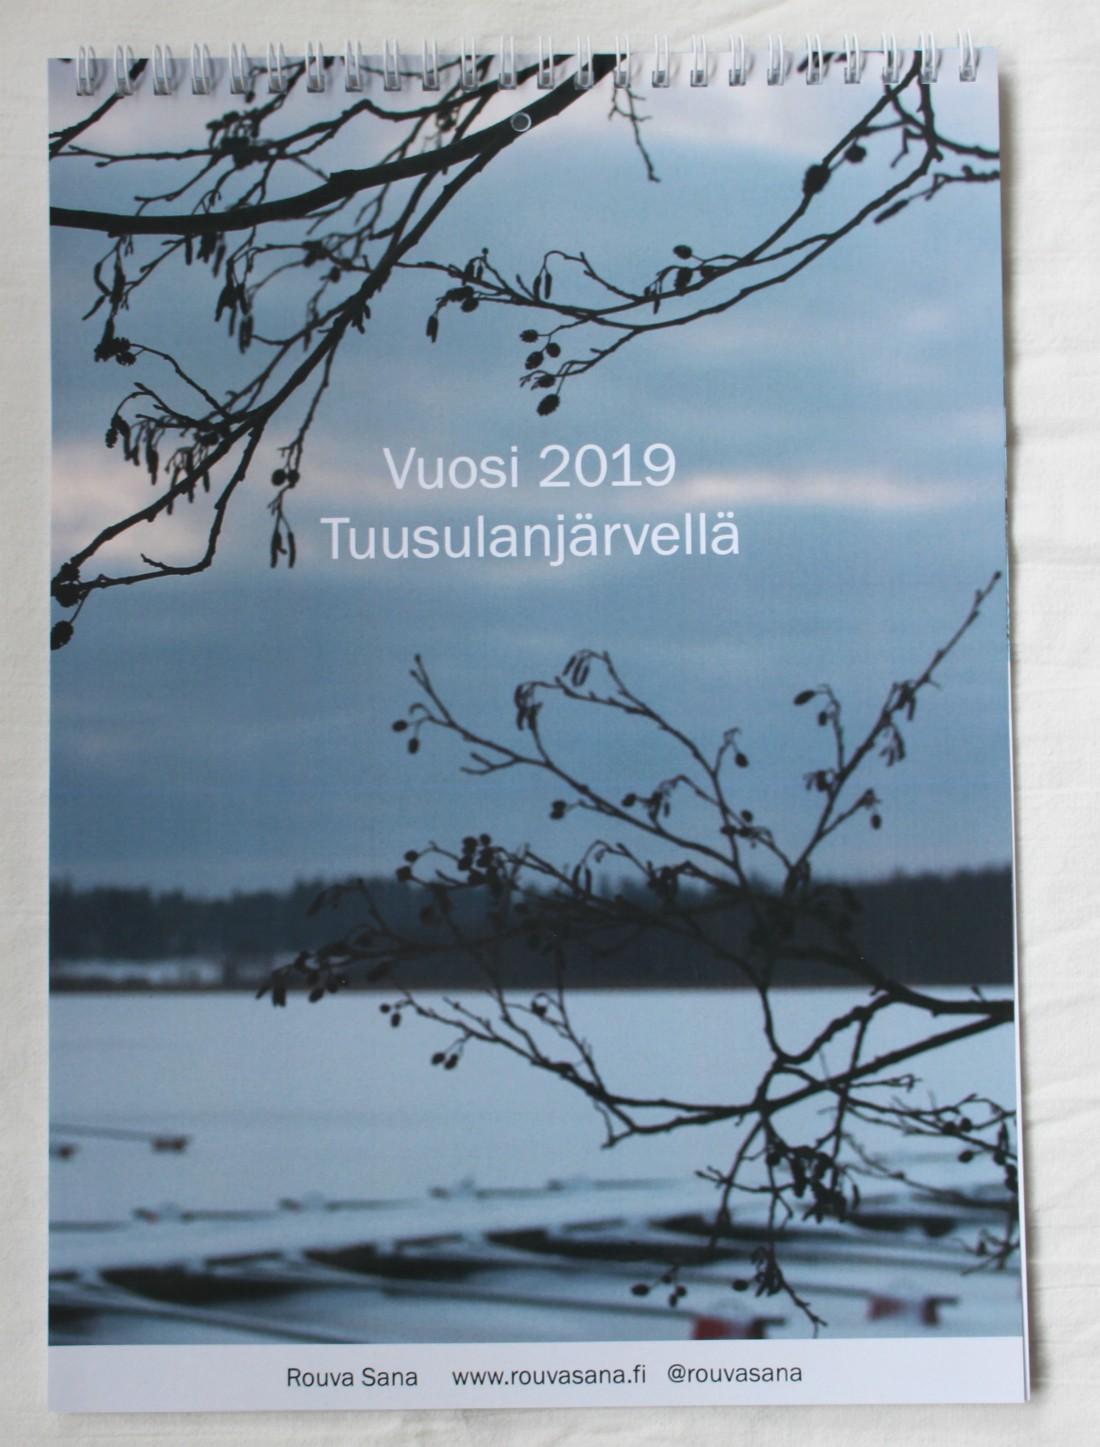 Vuosi 2019 Tuusulanjärvellä, Tuusulanjärvi, Keski-Uusimaa, seinäkalenteri, Rouva Sana, Sisältötoimisto Rouva Sana, Tuusulanjärven taiteilijayhteisö, Kirje- ja Lomakepaino